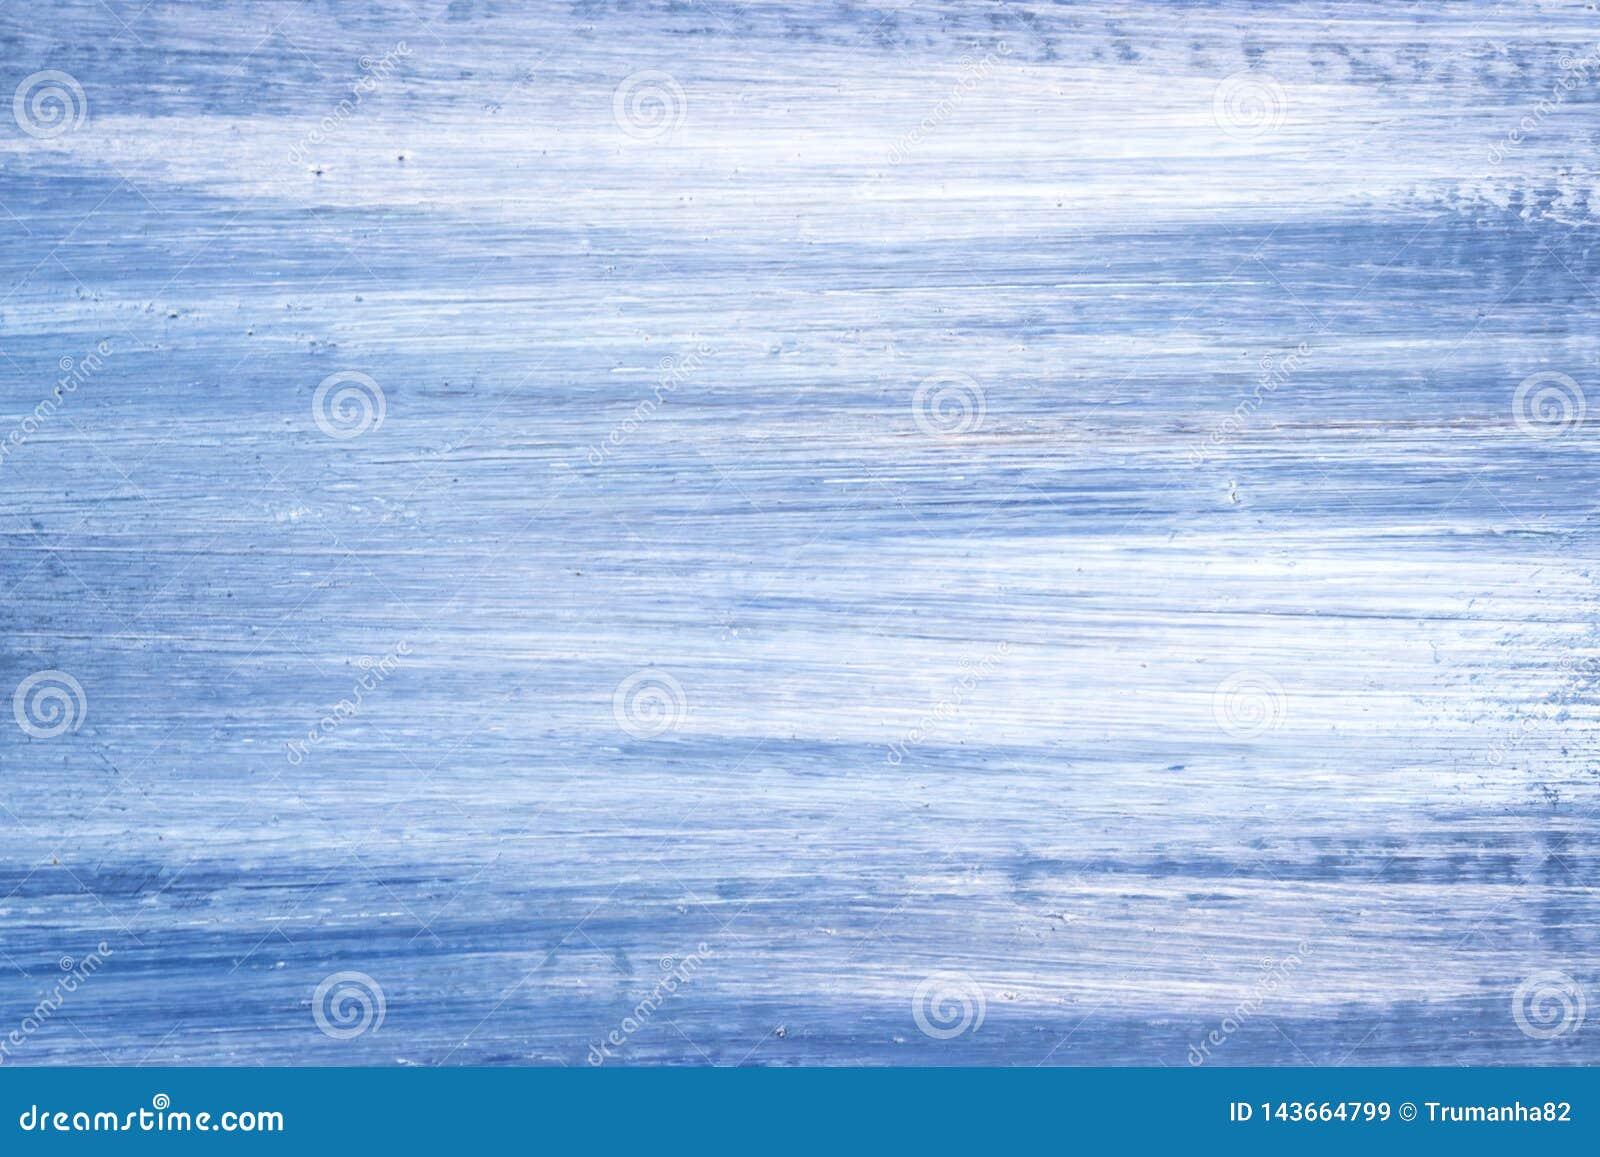 Μπλε και άσπρη λεπτομέρεια ελαιογραφίας